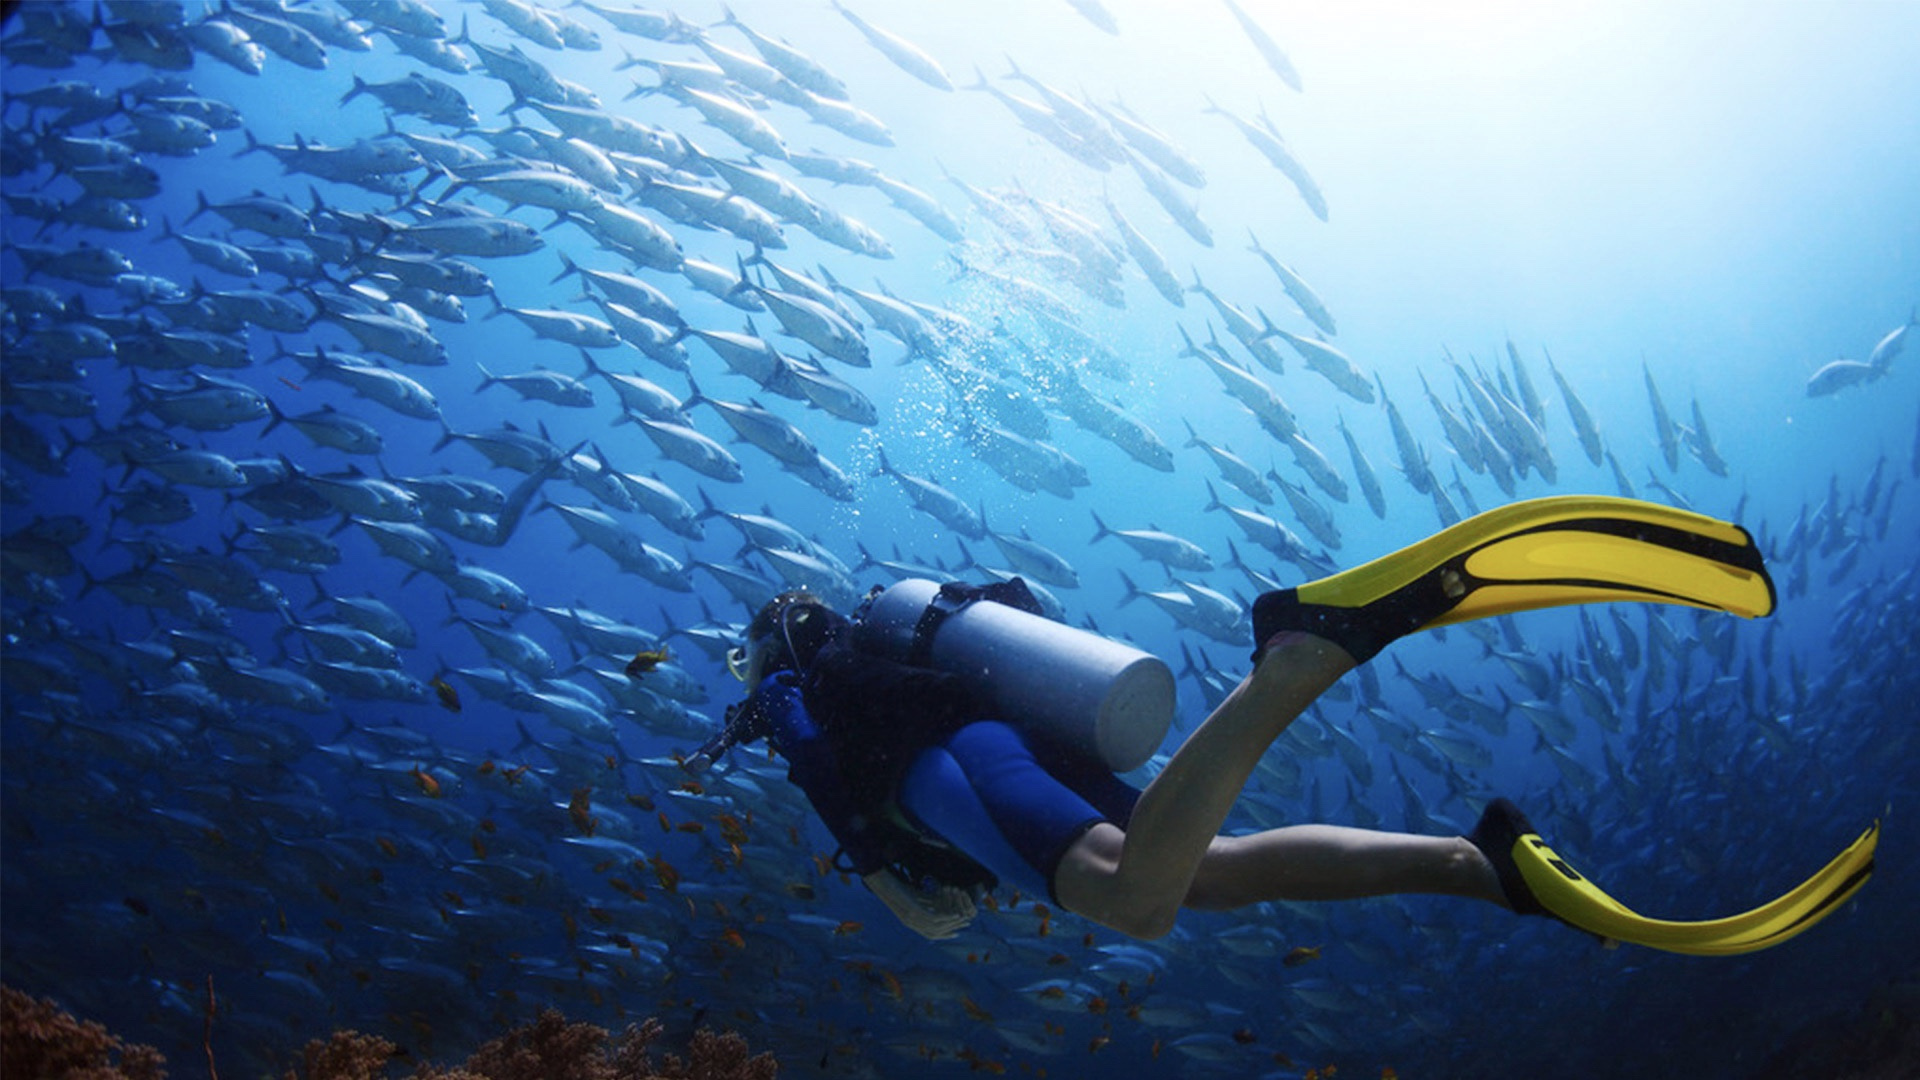 中国游客在泰国潜水发生意外,那么如何在意外发生时冷静自救呢?